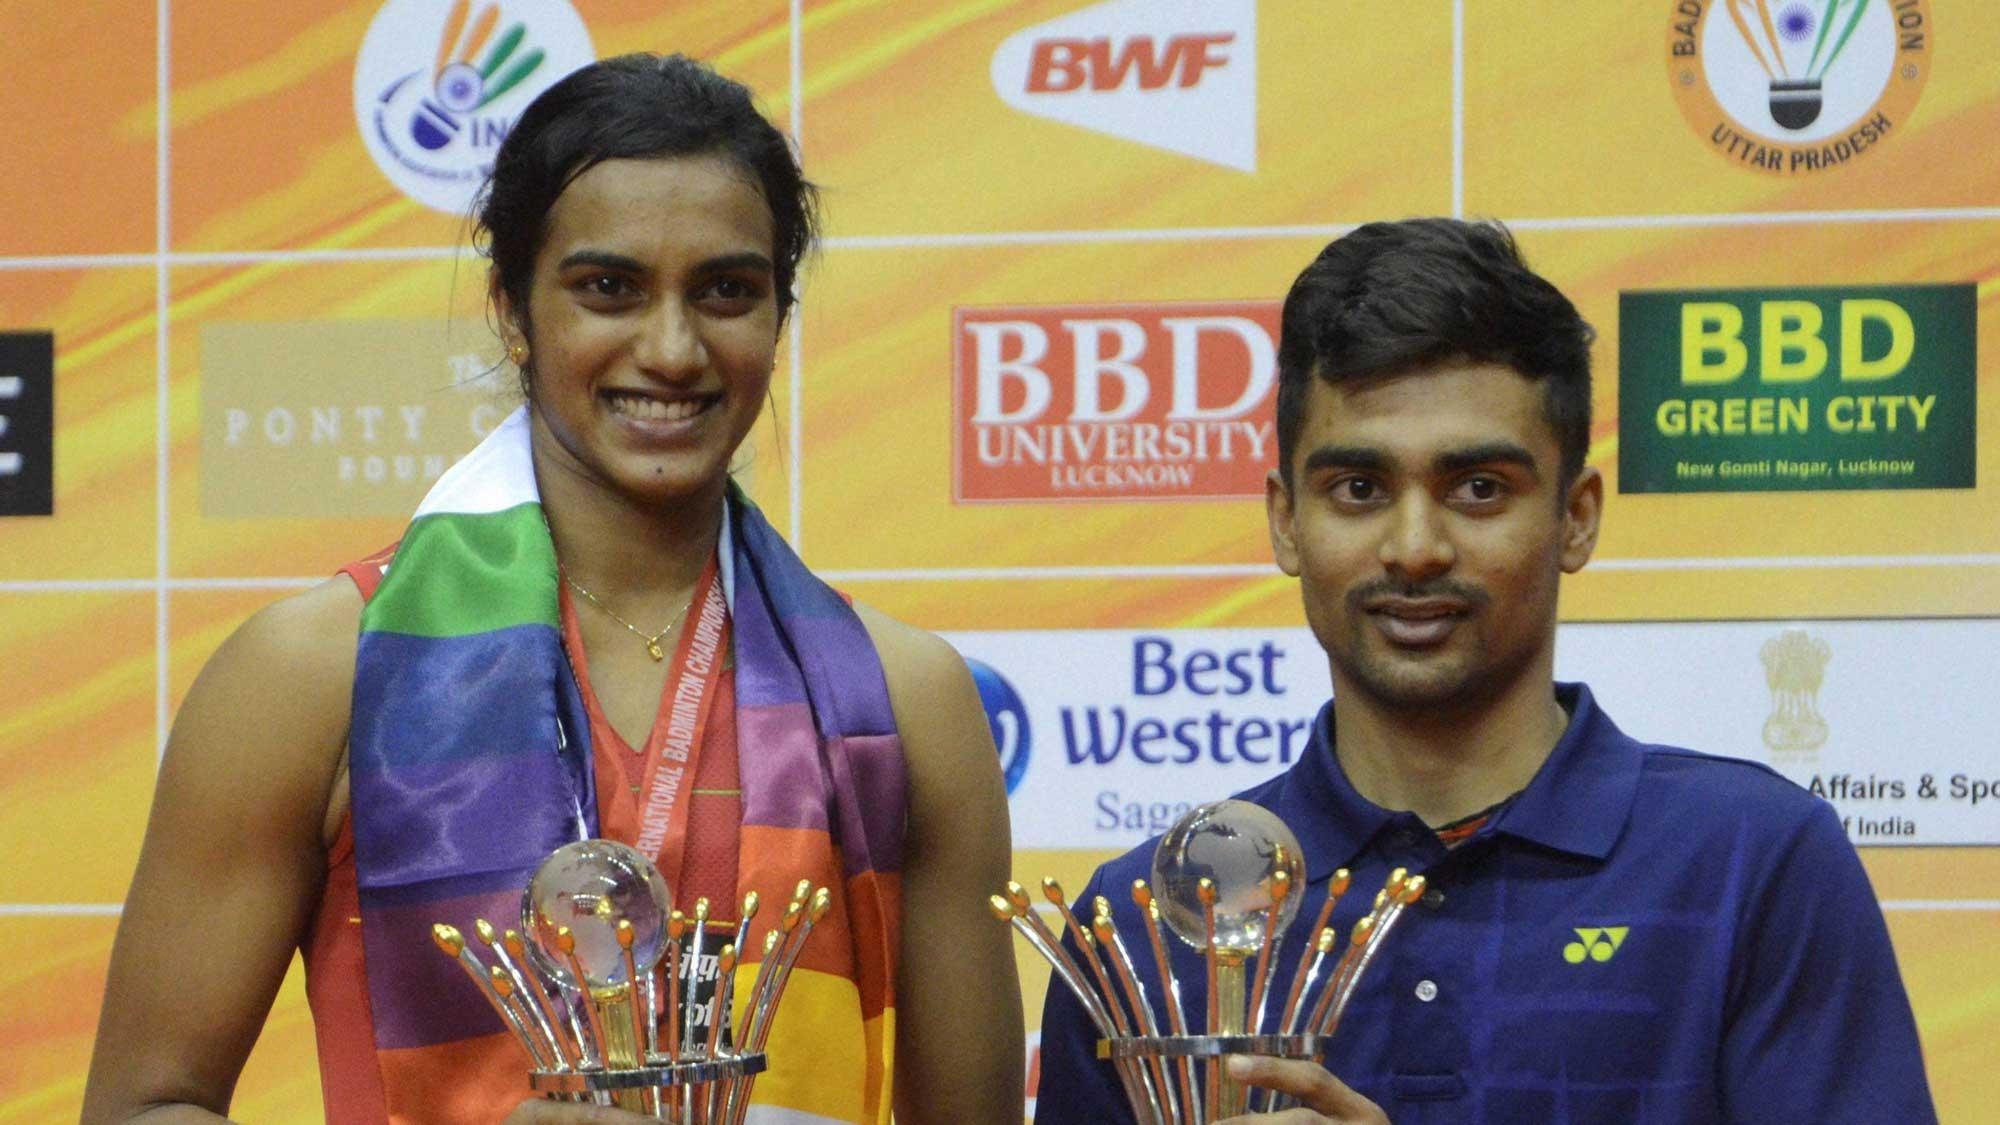 PV Sindhu Sameer Verma Bag Titles at Syed Modi Grand Prix Gold